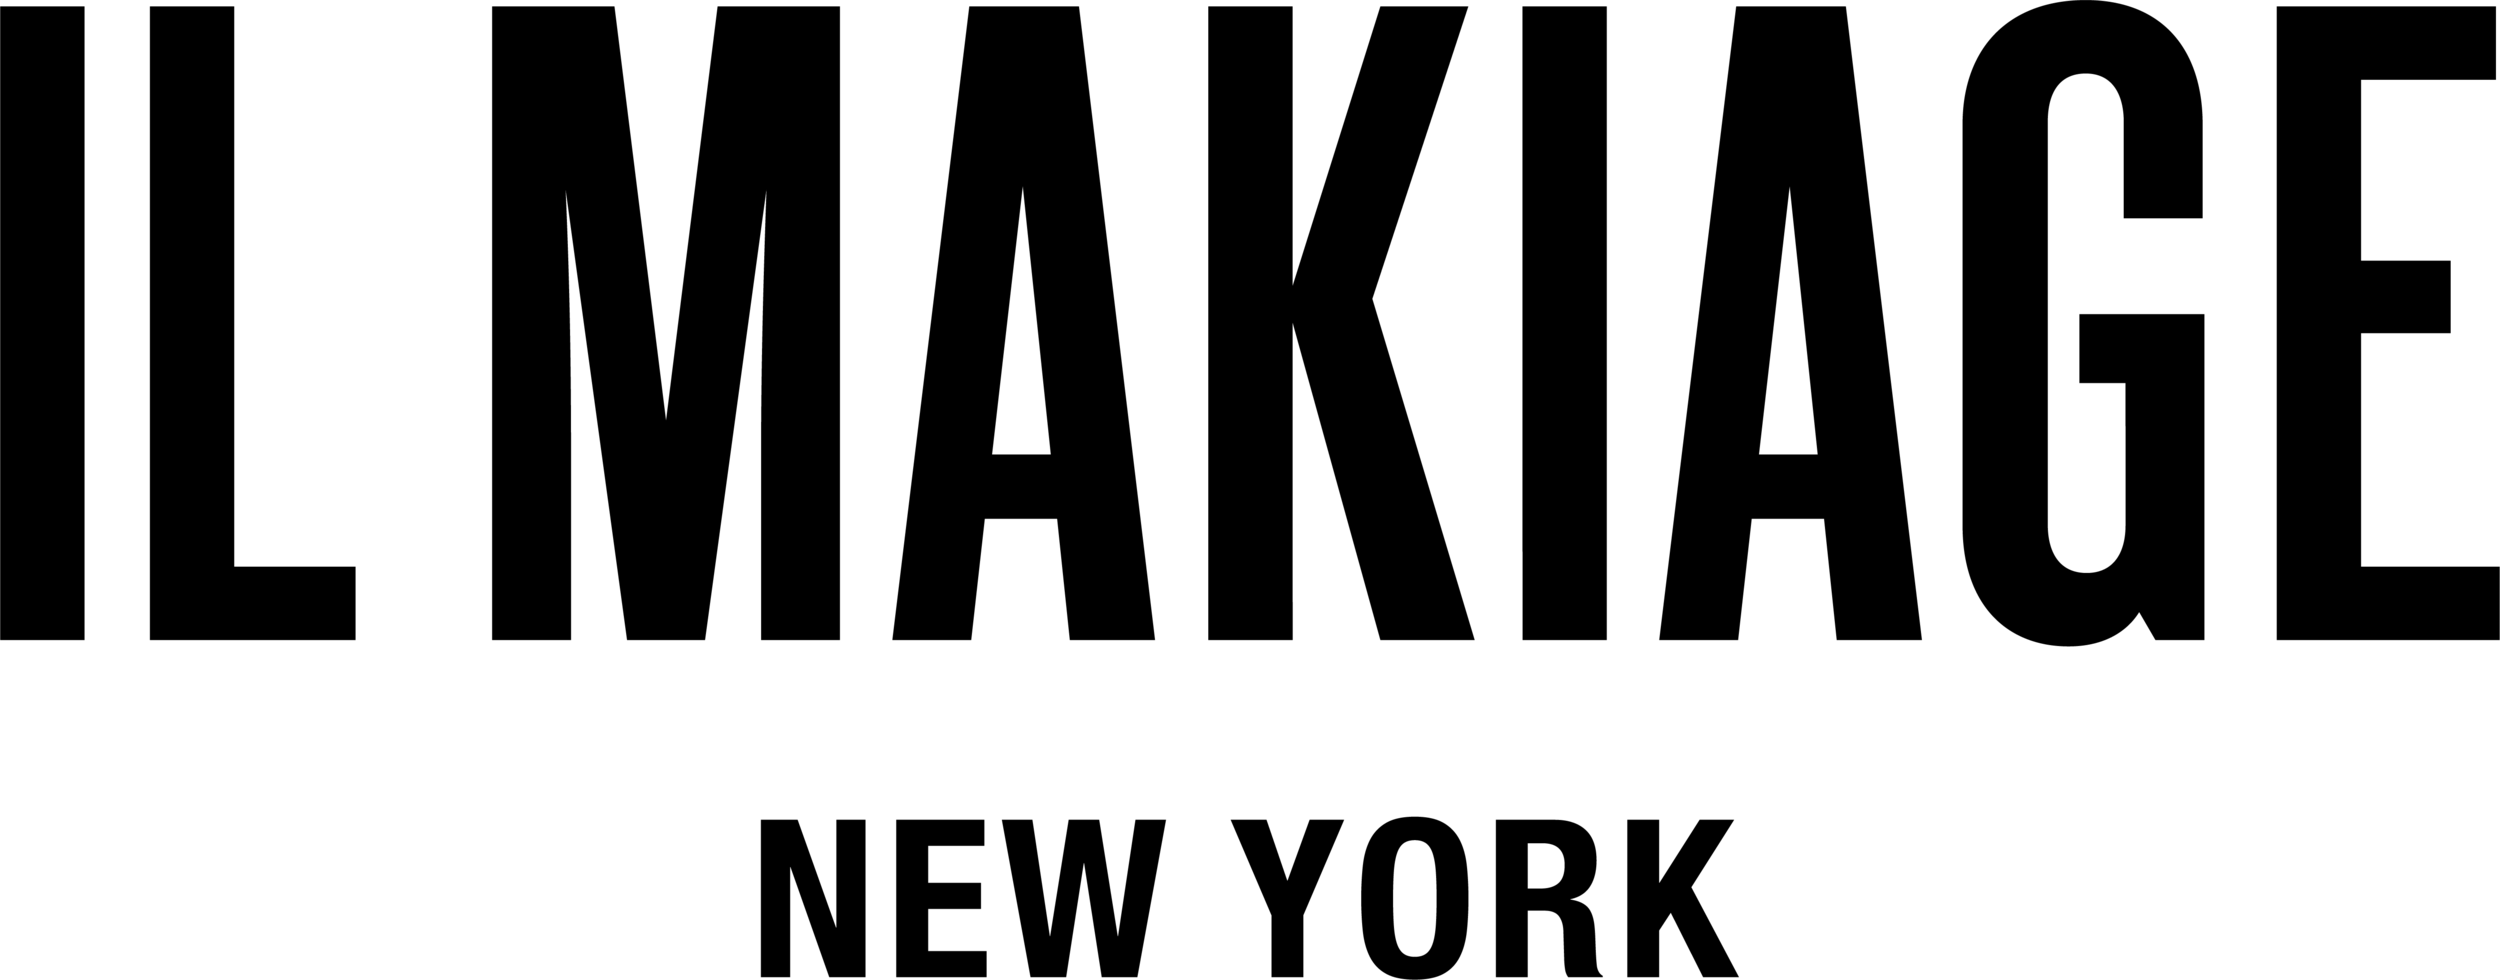 logo_vec (1).png